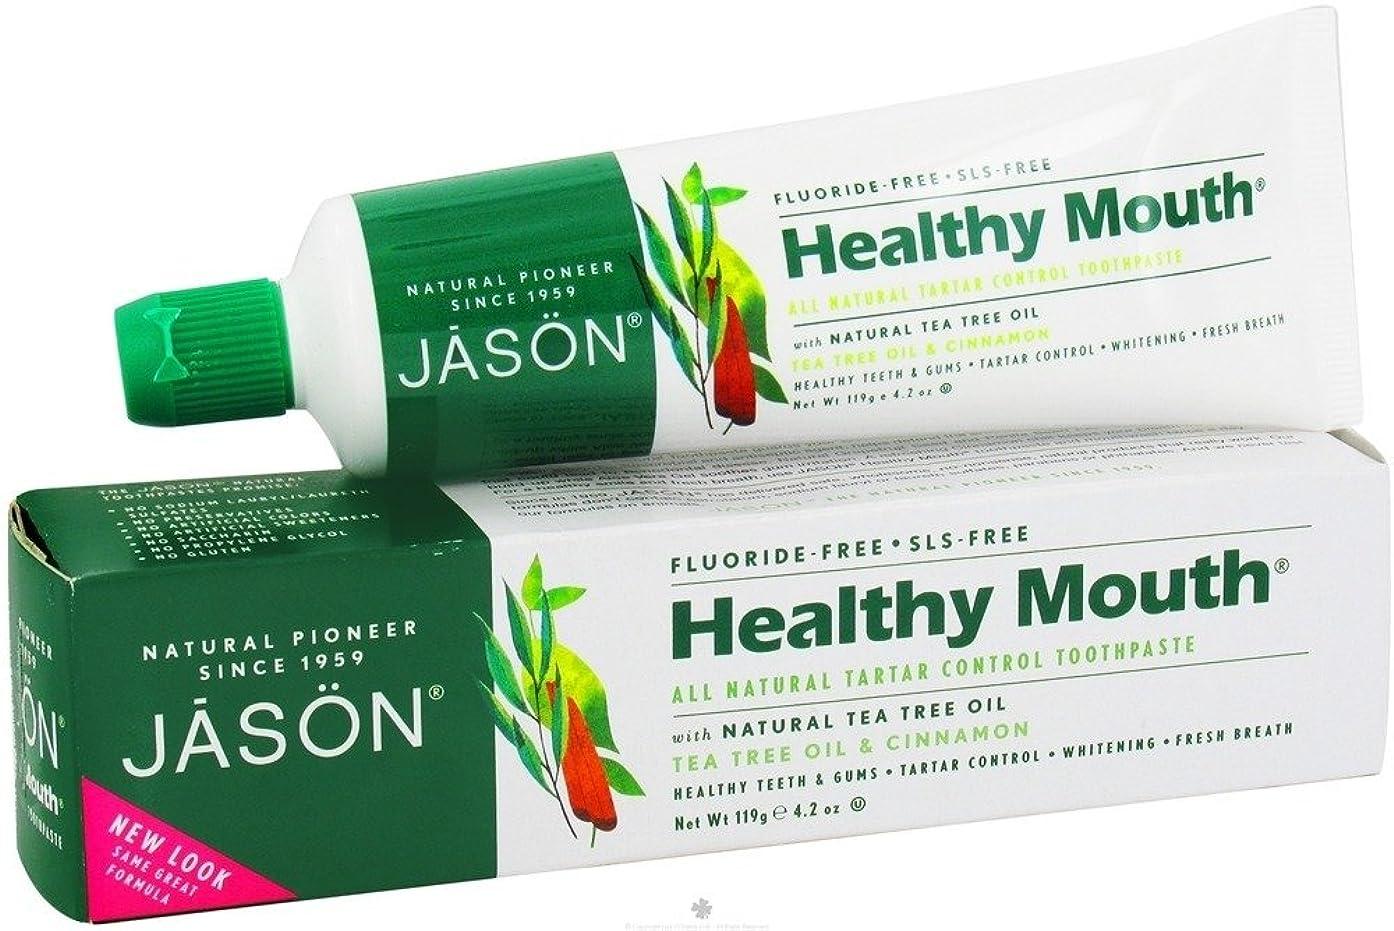 オープナーエッセンスこだわりJASON Natural Products - 歯磨き粉健康口ティー ツリー油フッ化物-無料 - 4ポンド [並行輸入品]